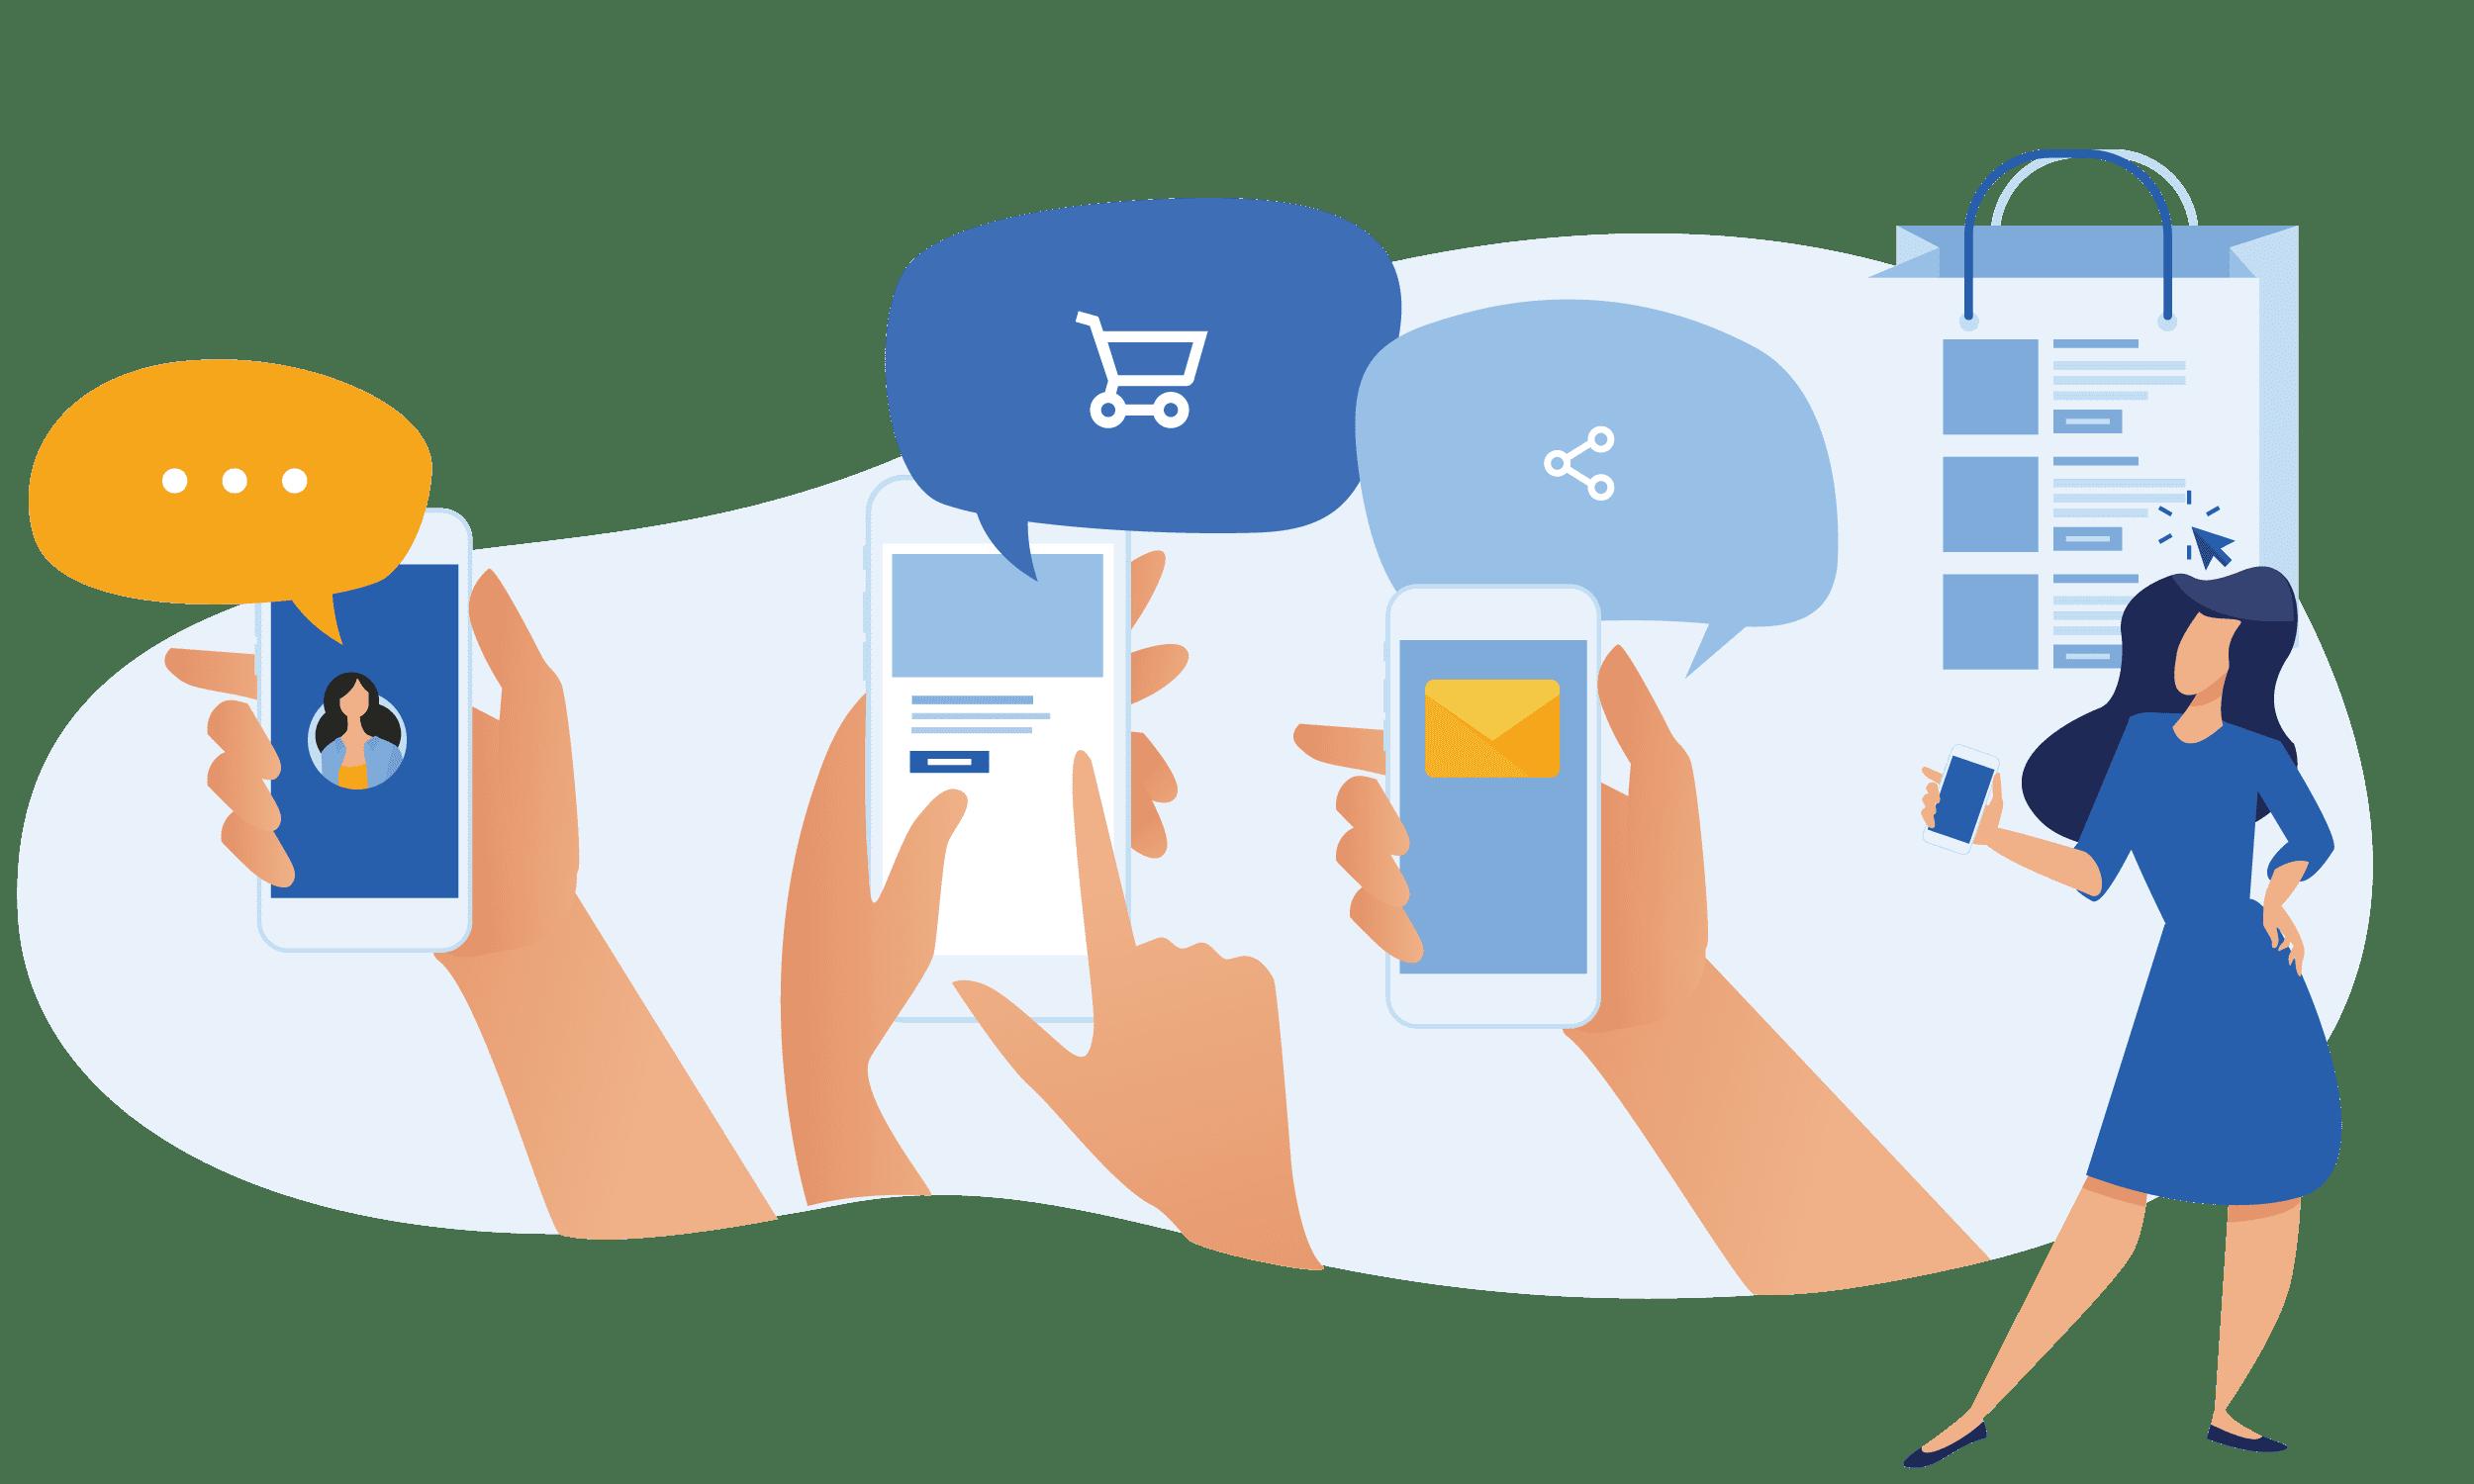 スマホファーストリニューアル | 通販化粧品・健康食品業界に特化したダイレクトマーケティング支援とコンサルティング